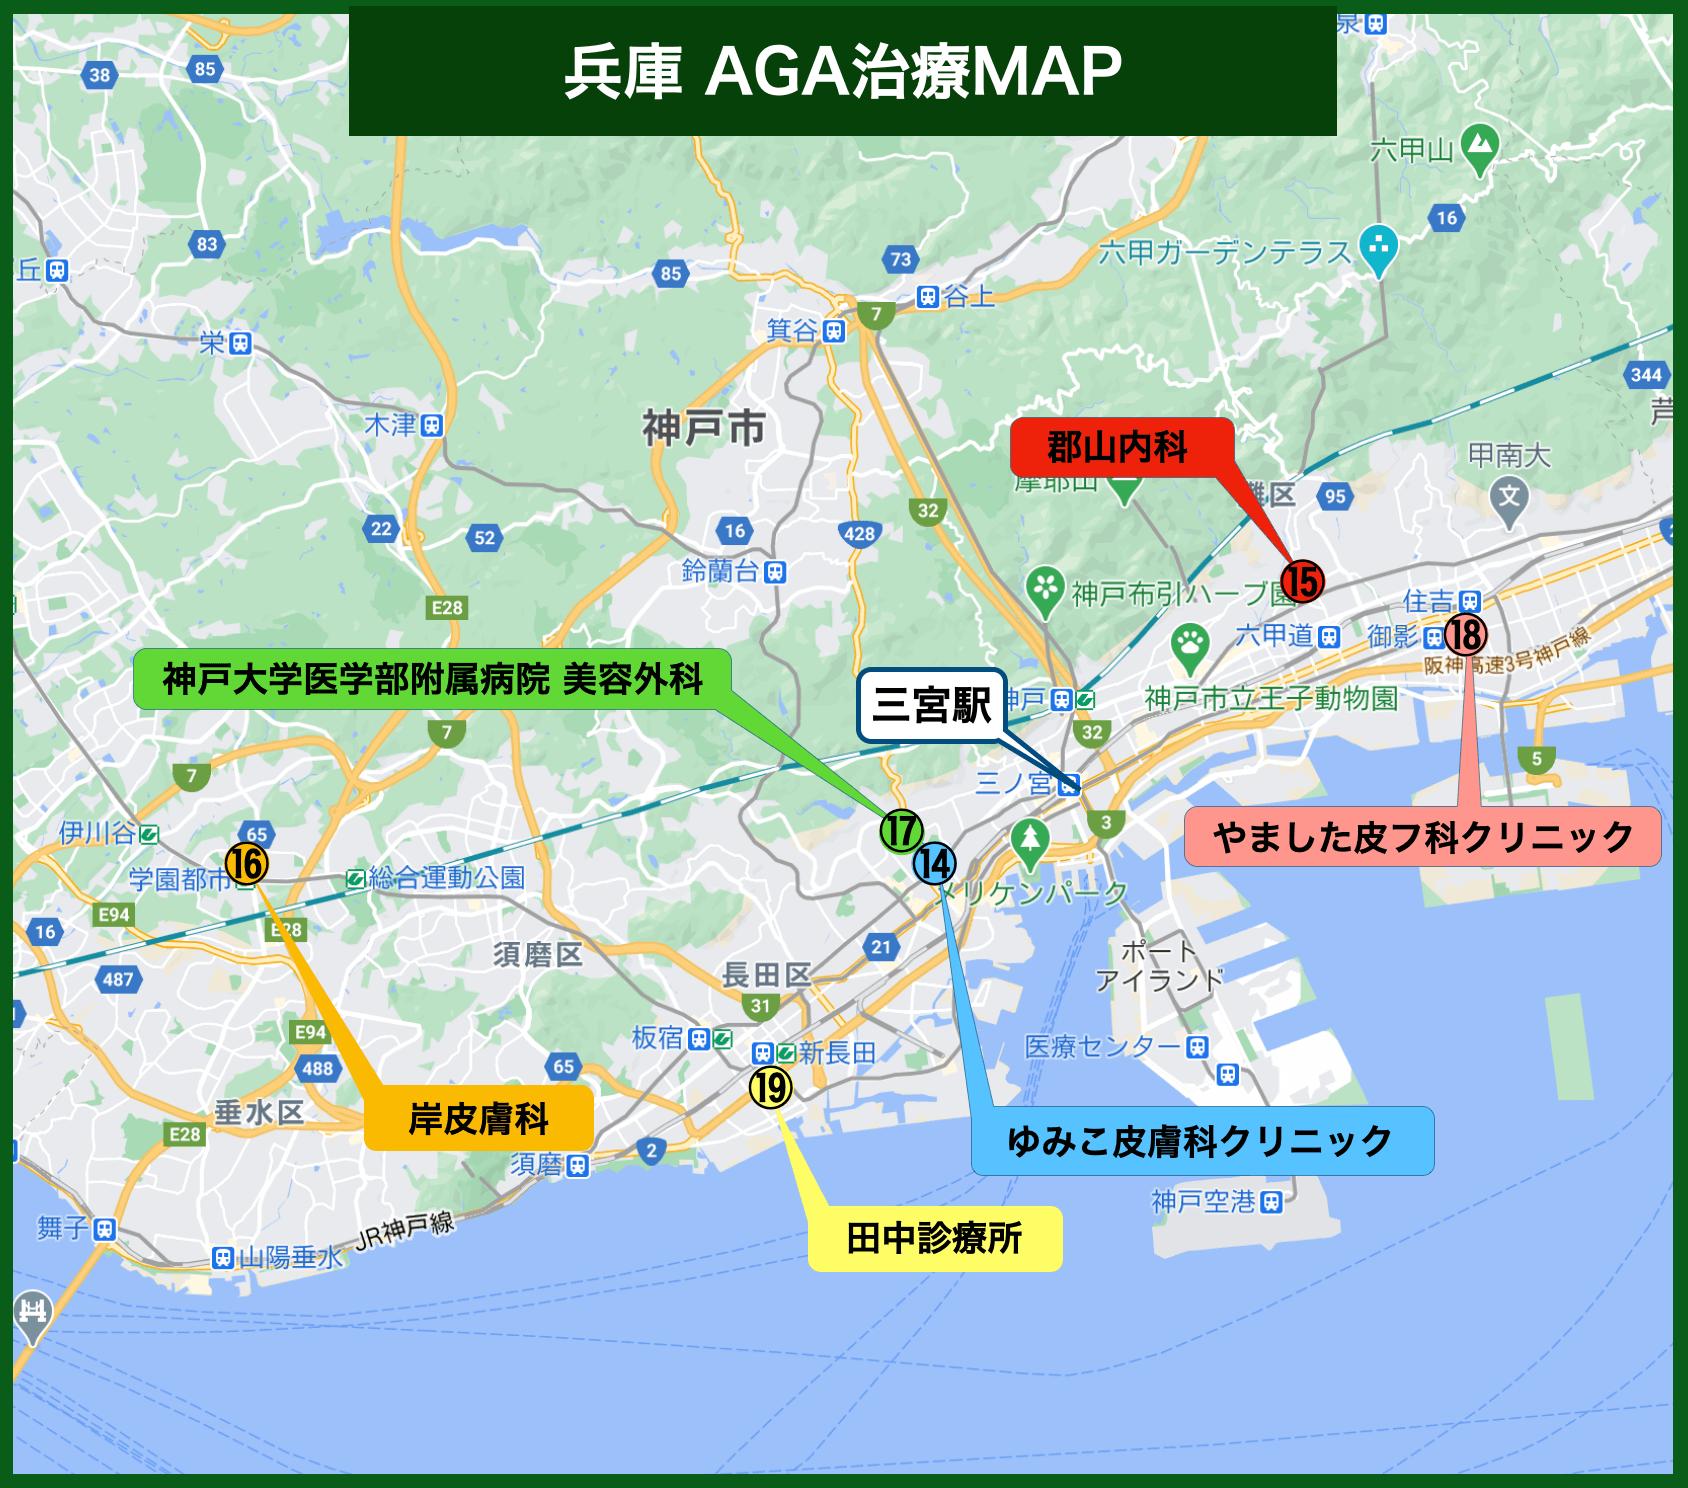 兵庫AGA治療MAP